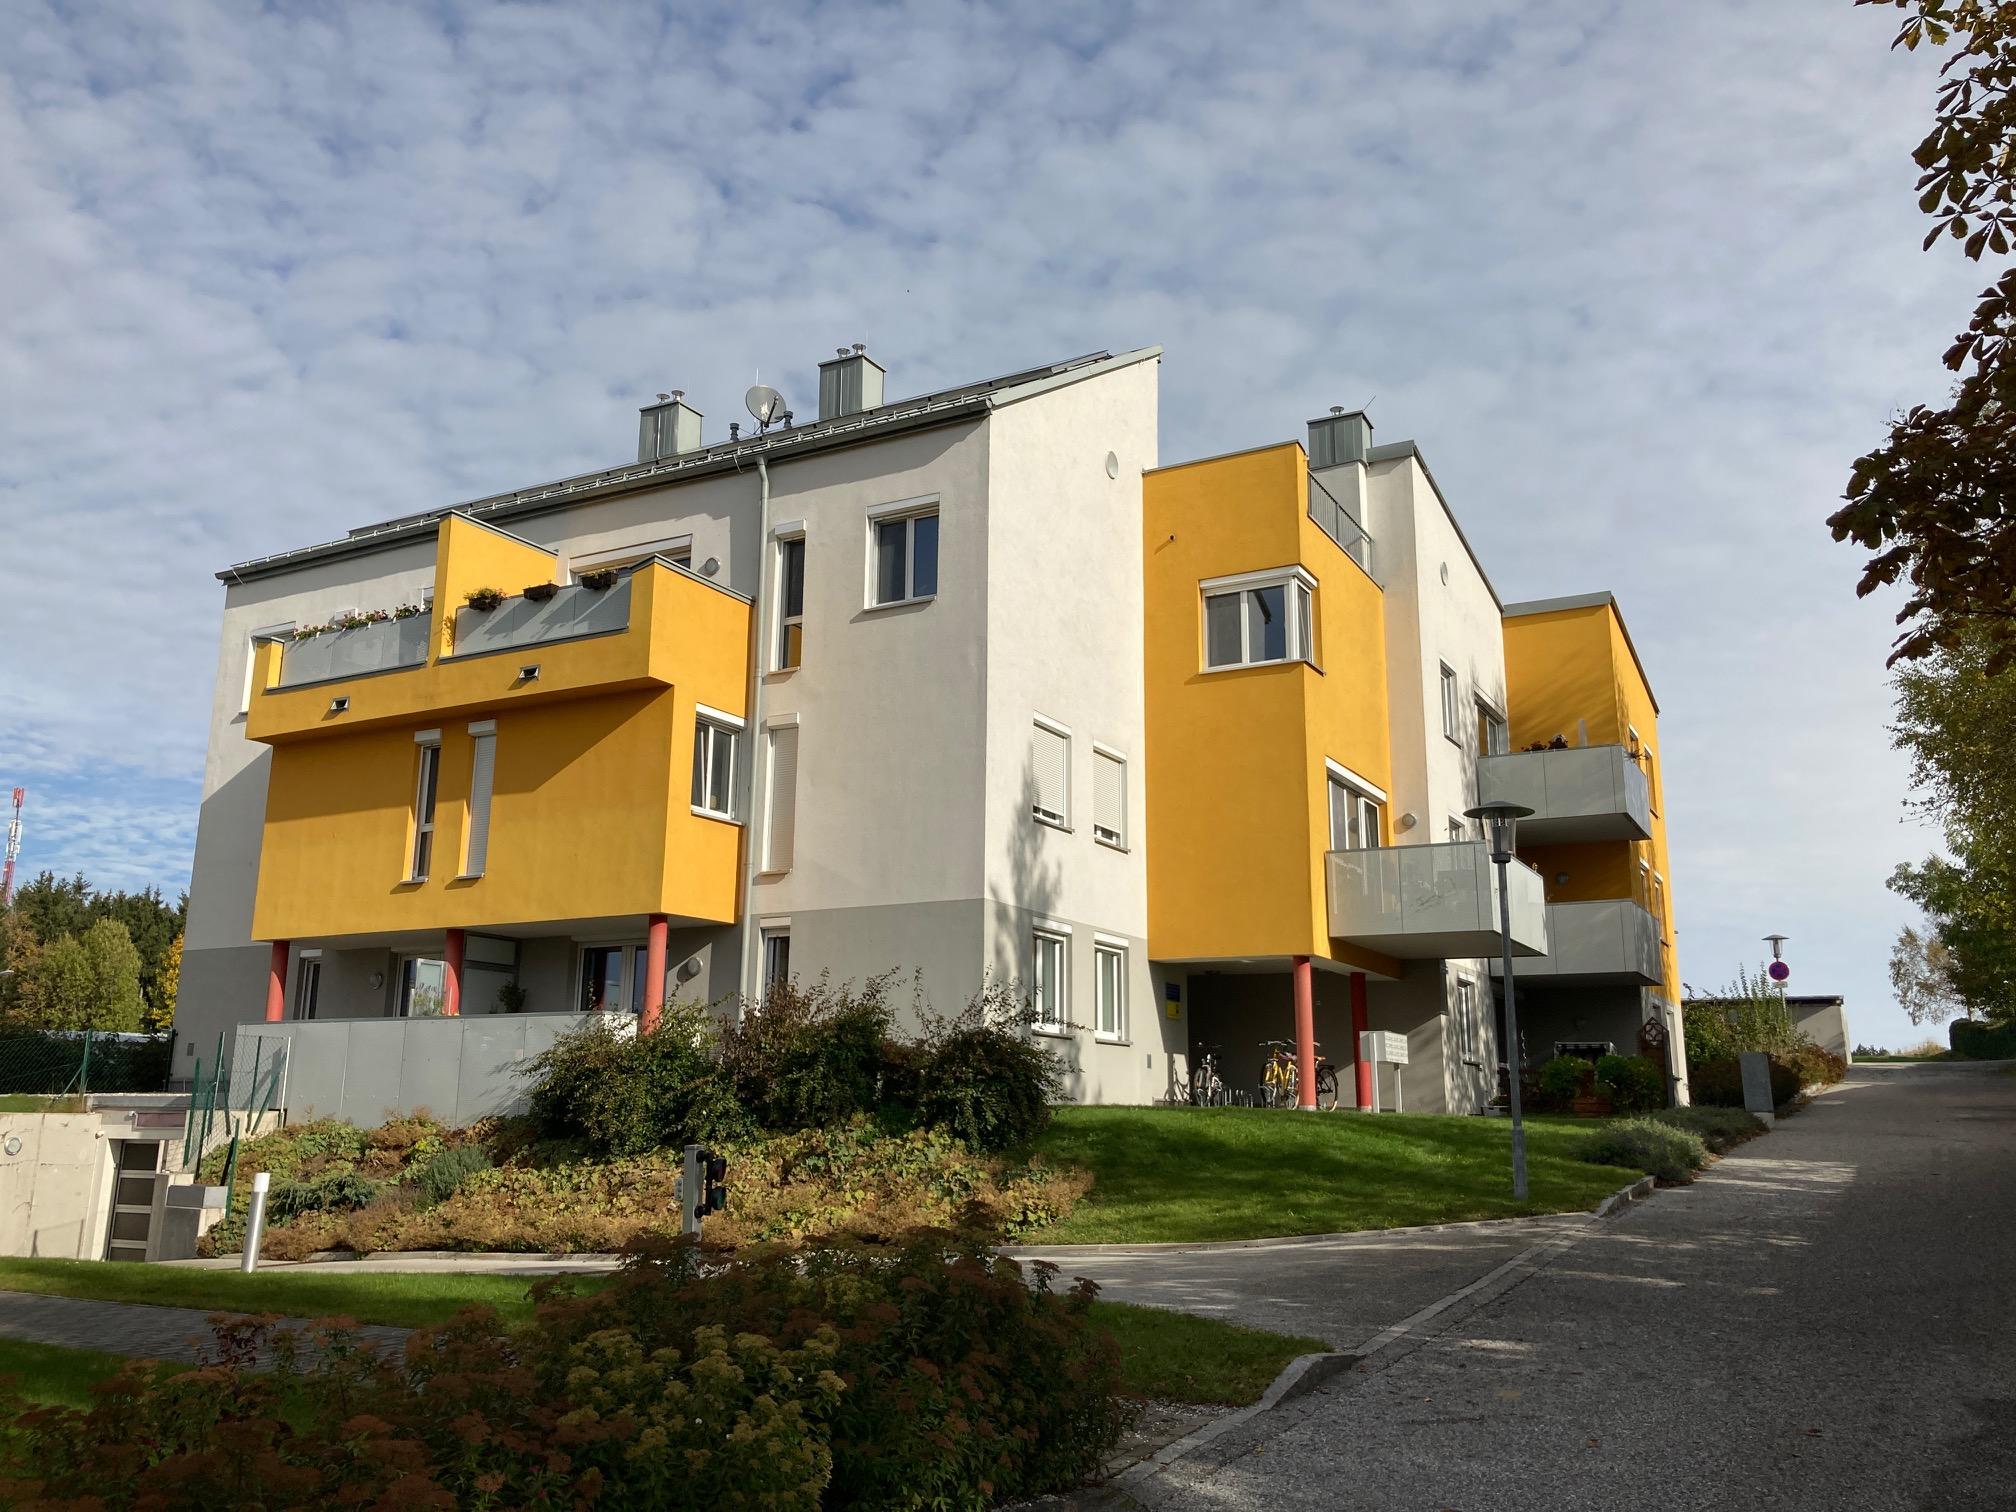 Immobilie von Kamptal in 3631 Ottenschlag, Zwettl, Ottenschlag I/1 - Top 210 #0